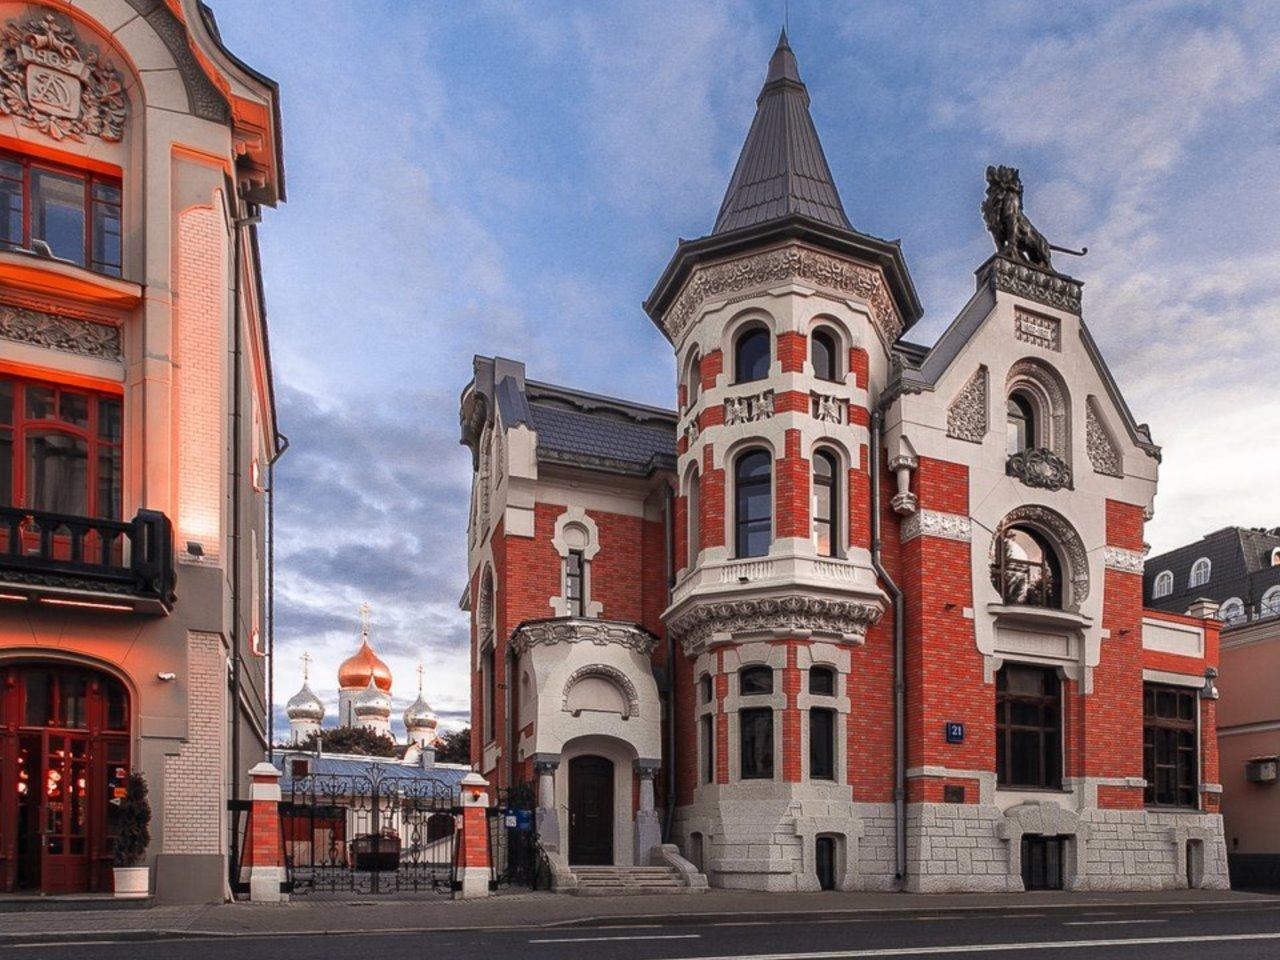 Остоженка - архитектурная палитра Москвы - индивидуальная экскурсия по Москве от опытного гида